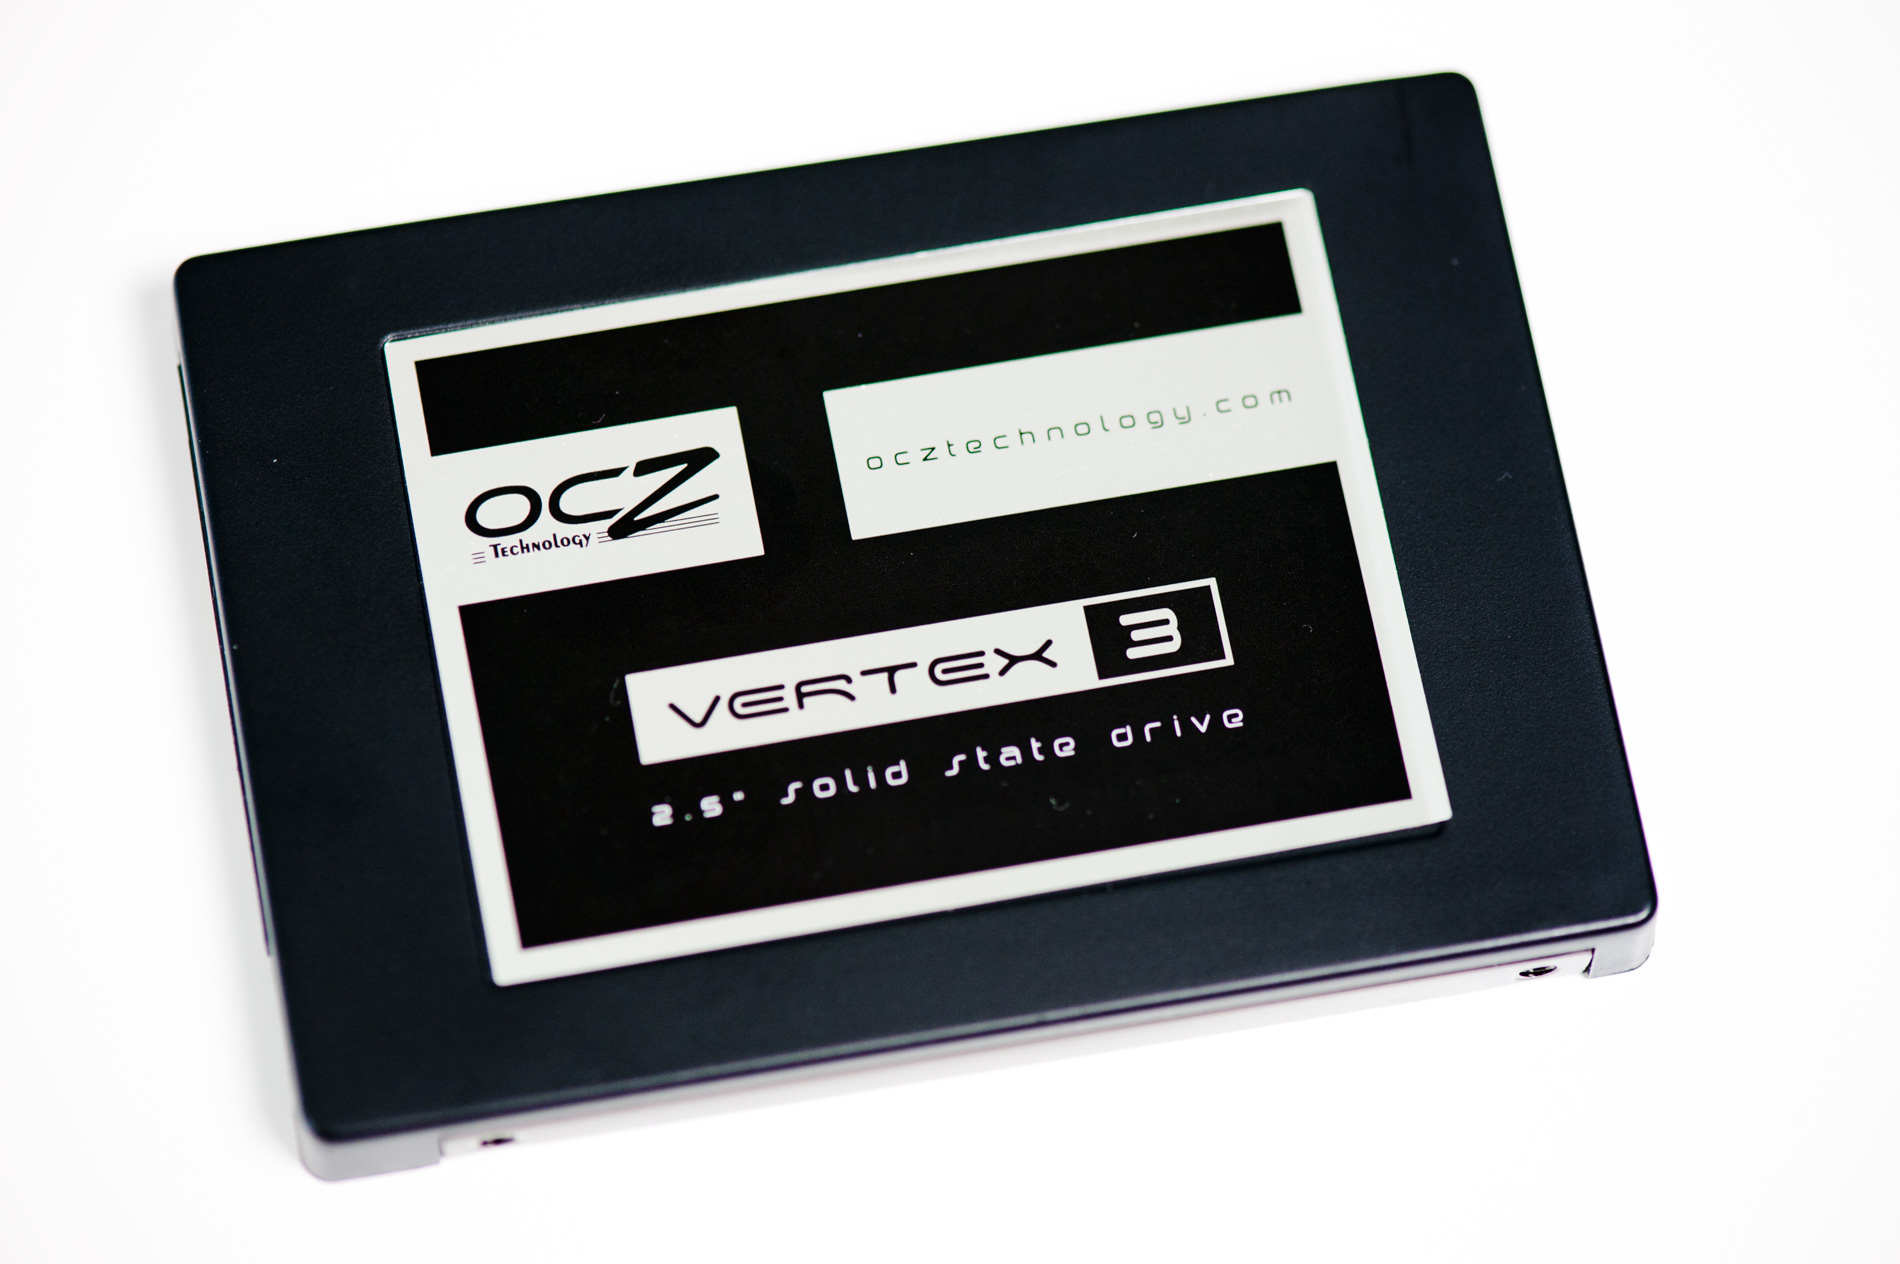 OCZ Vertex SSD Drivers PC